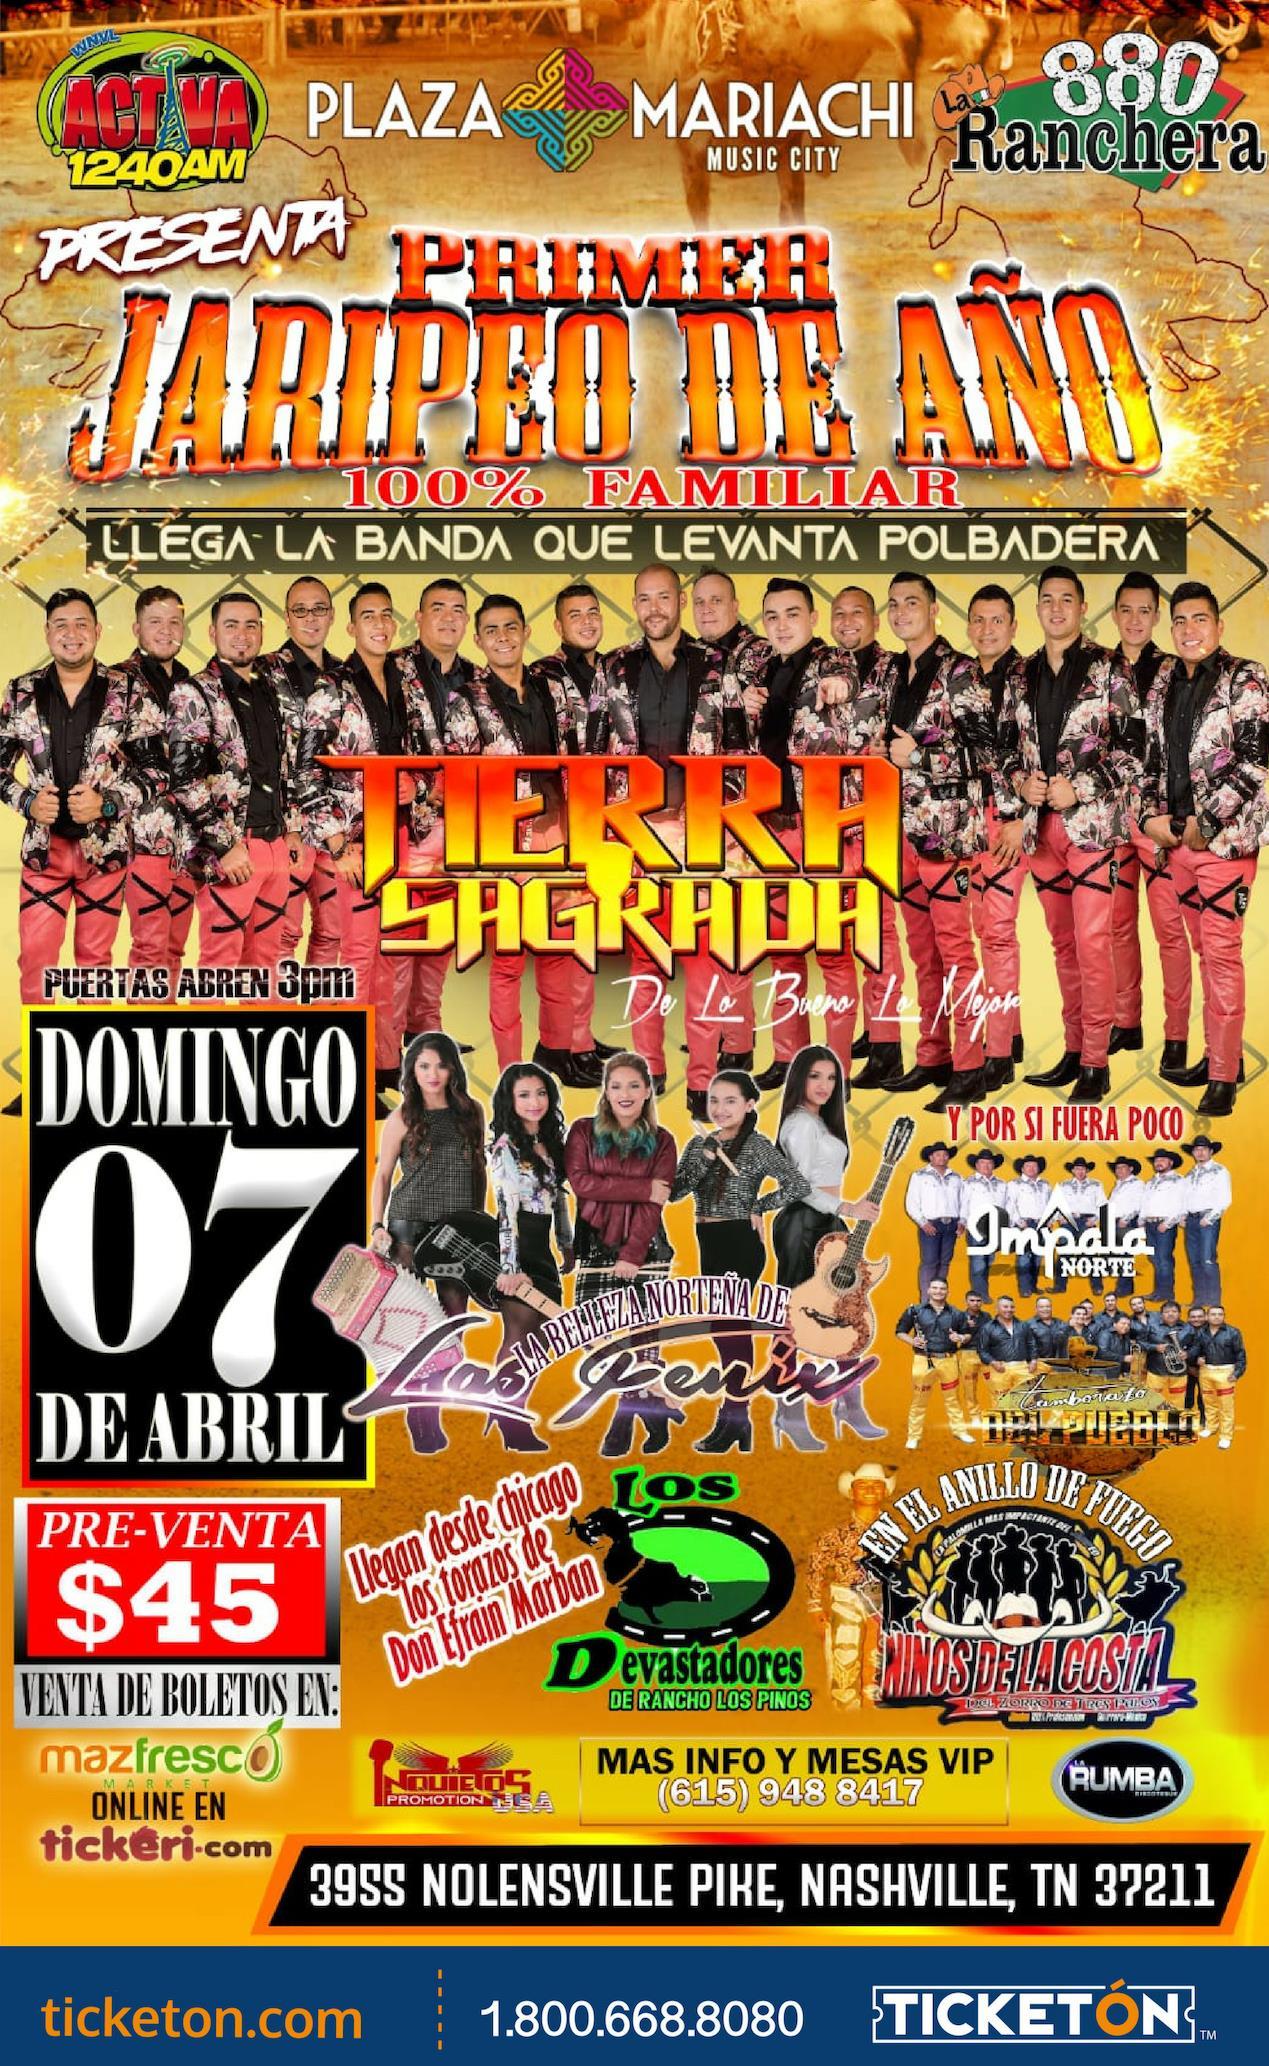 Primer JAripeo del Año Tickets Boletos Plaza Maricahi Tn